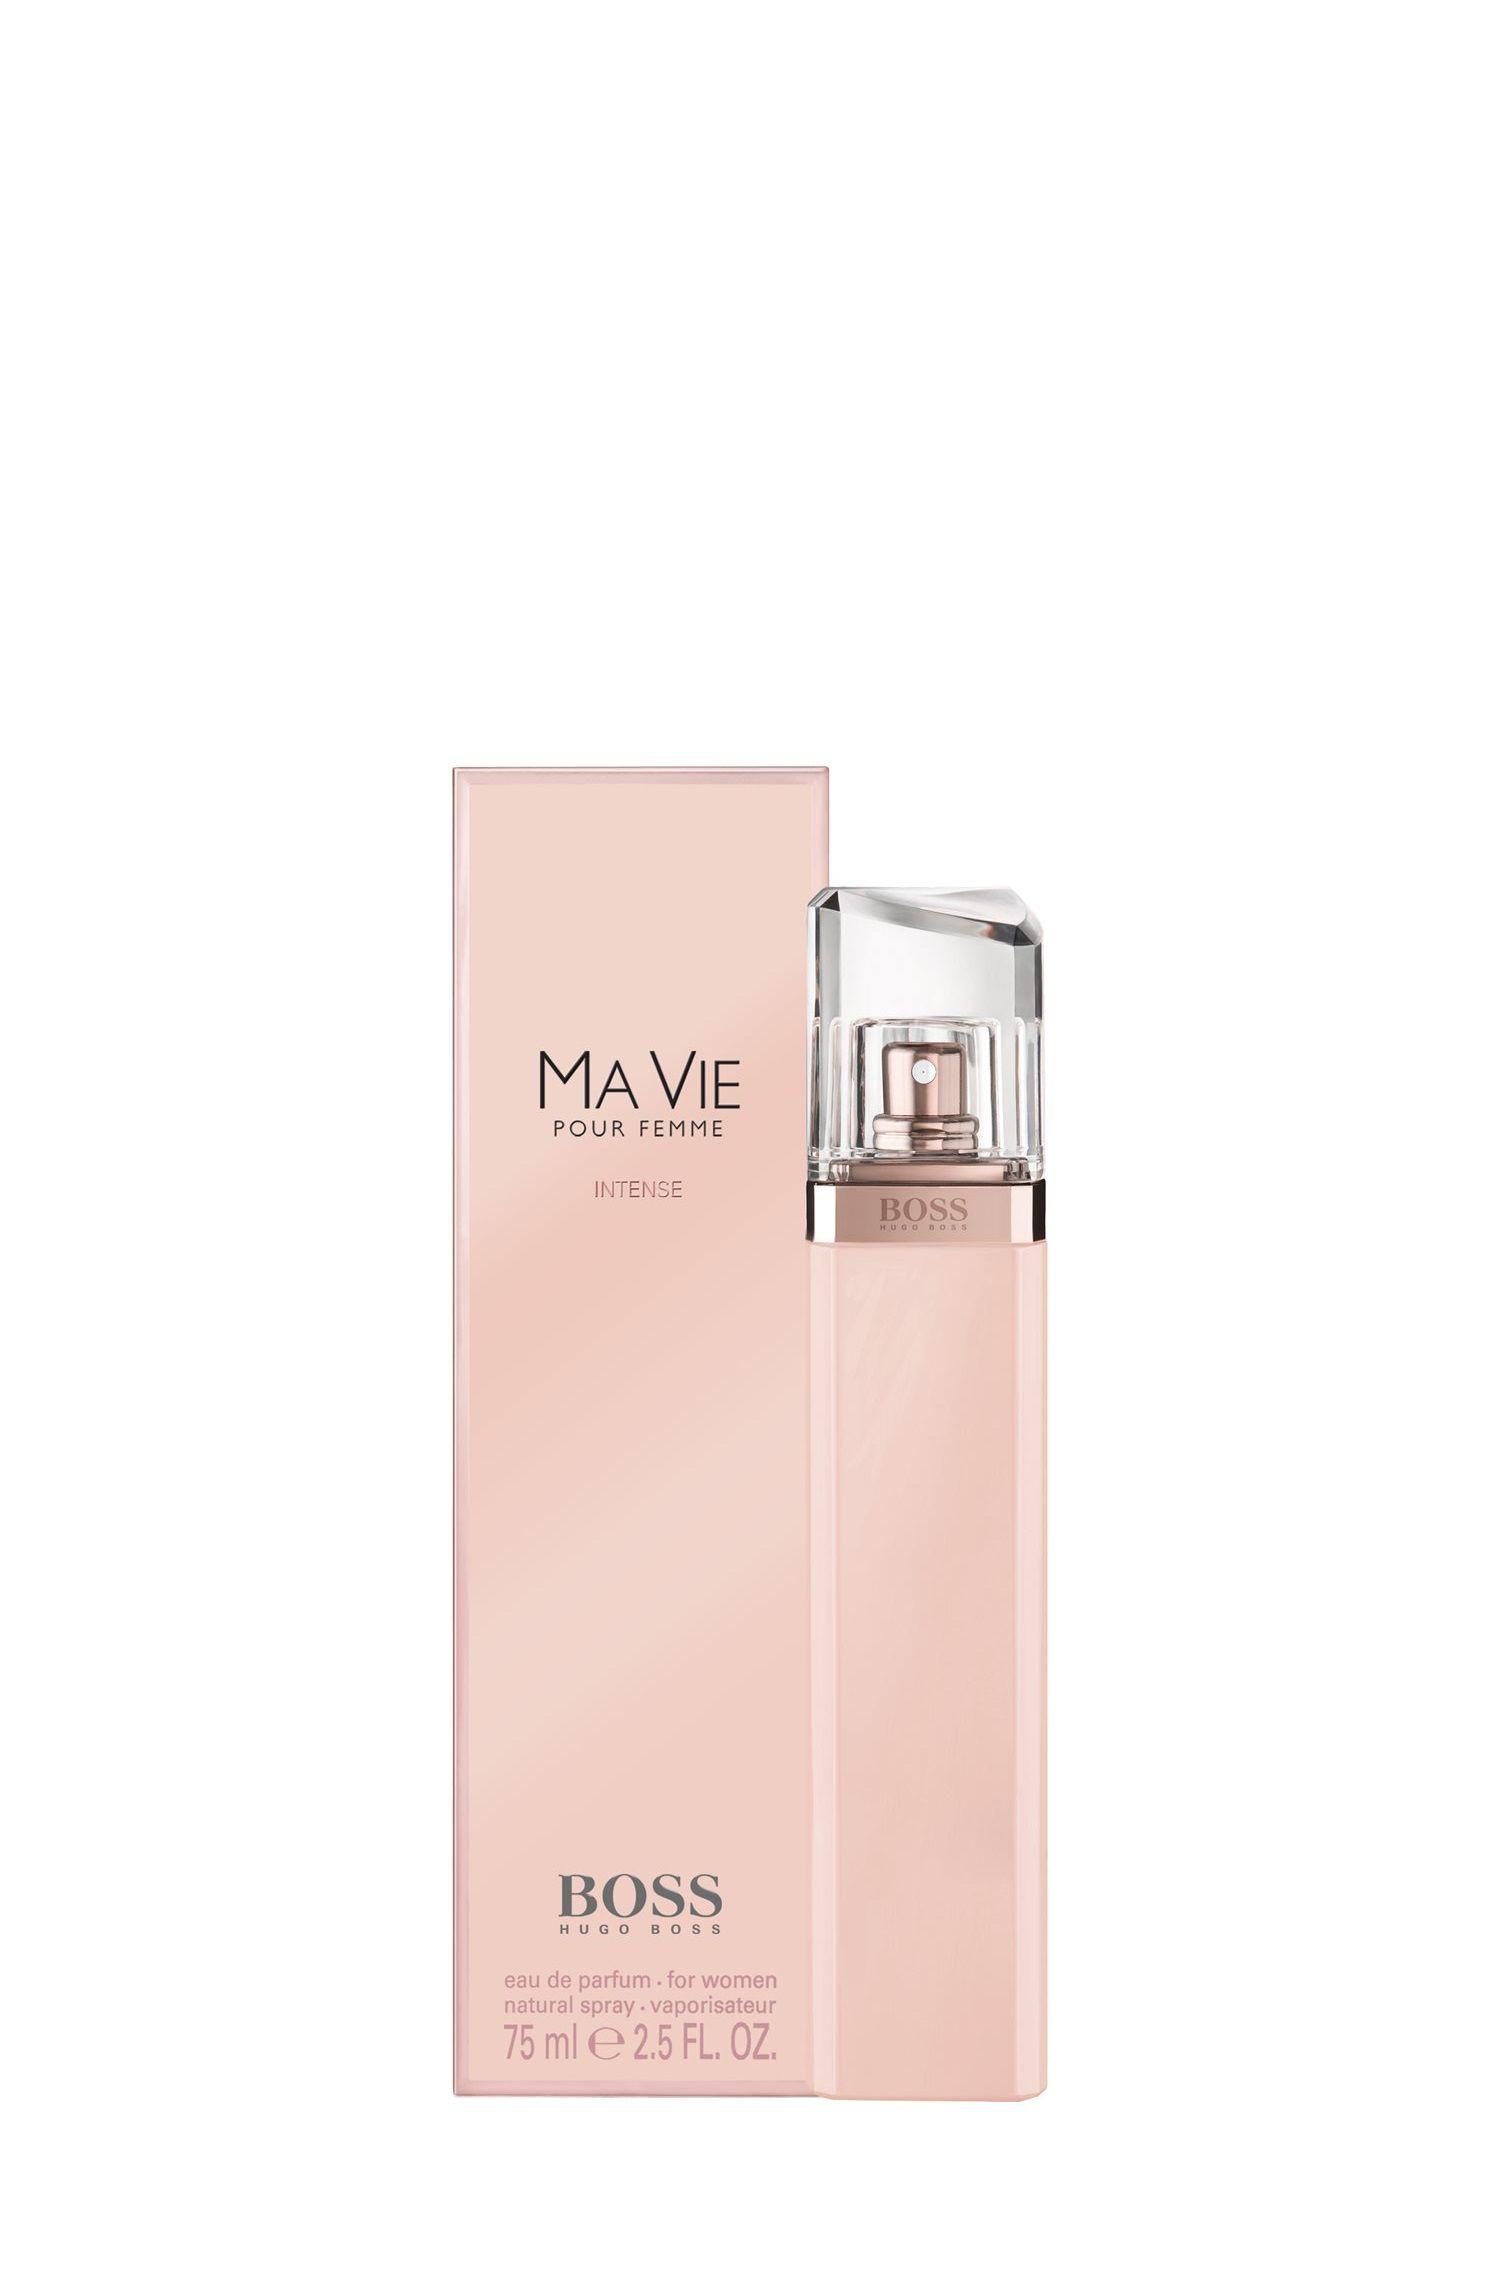 Hugo Boss - Eau de Parfum 'BOSS Ma Vie Intense' 75ml - 2